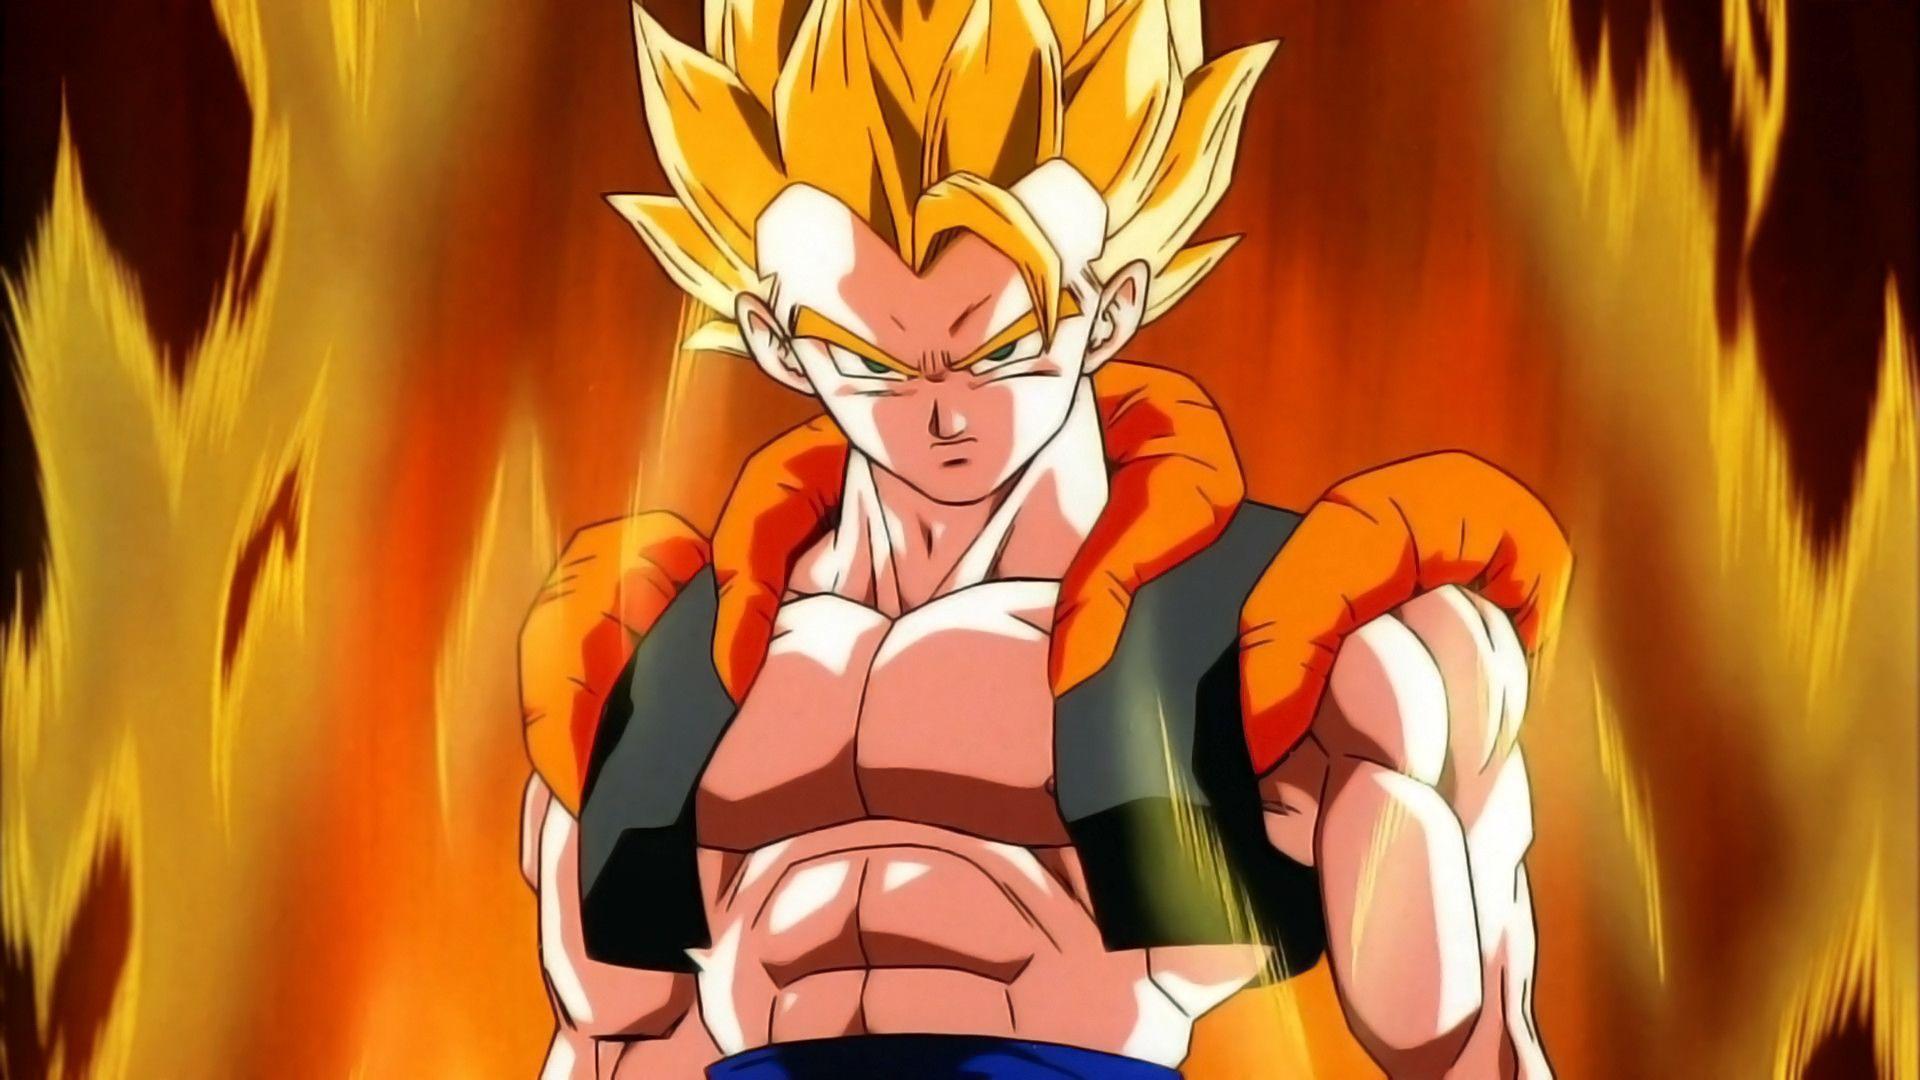 Dragon Ball Z Gogeta Ps4wallpapers Com